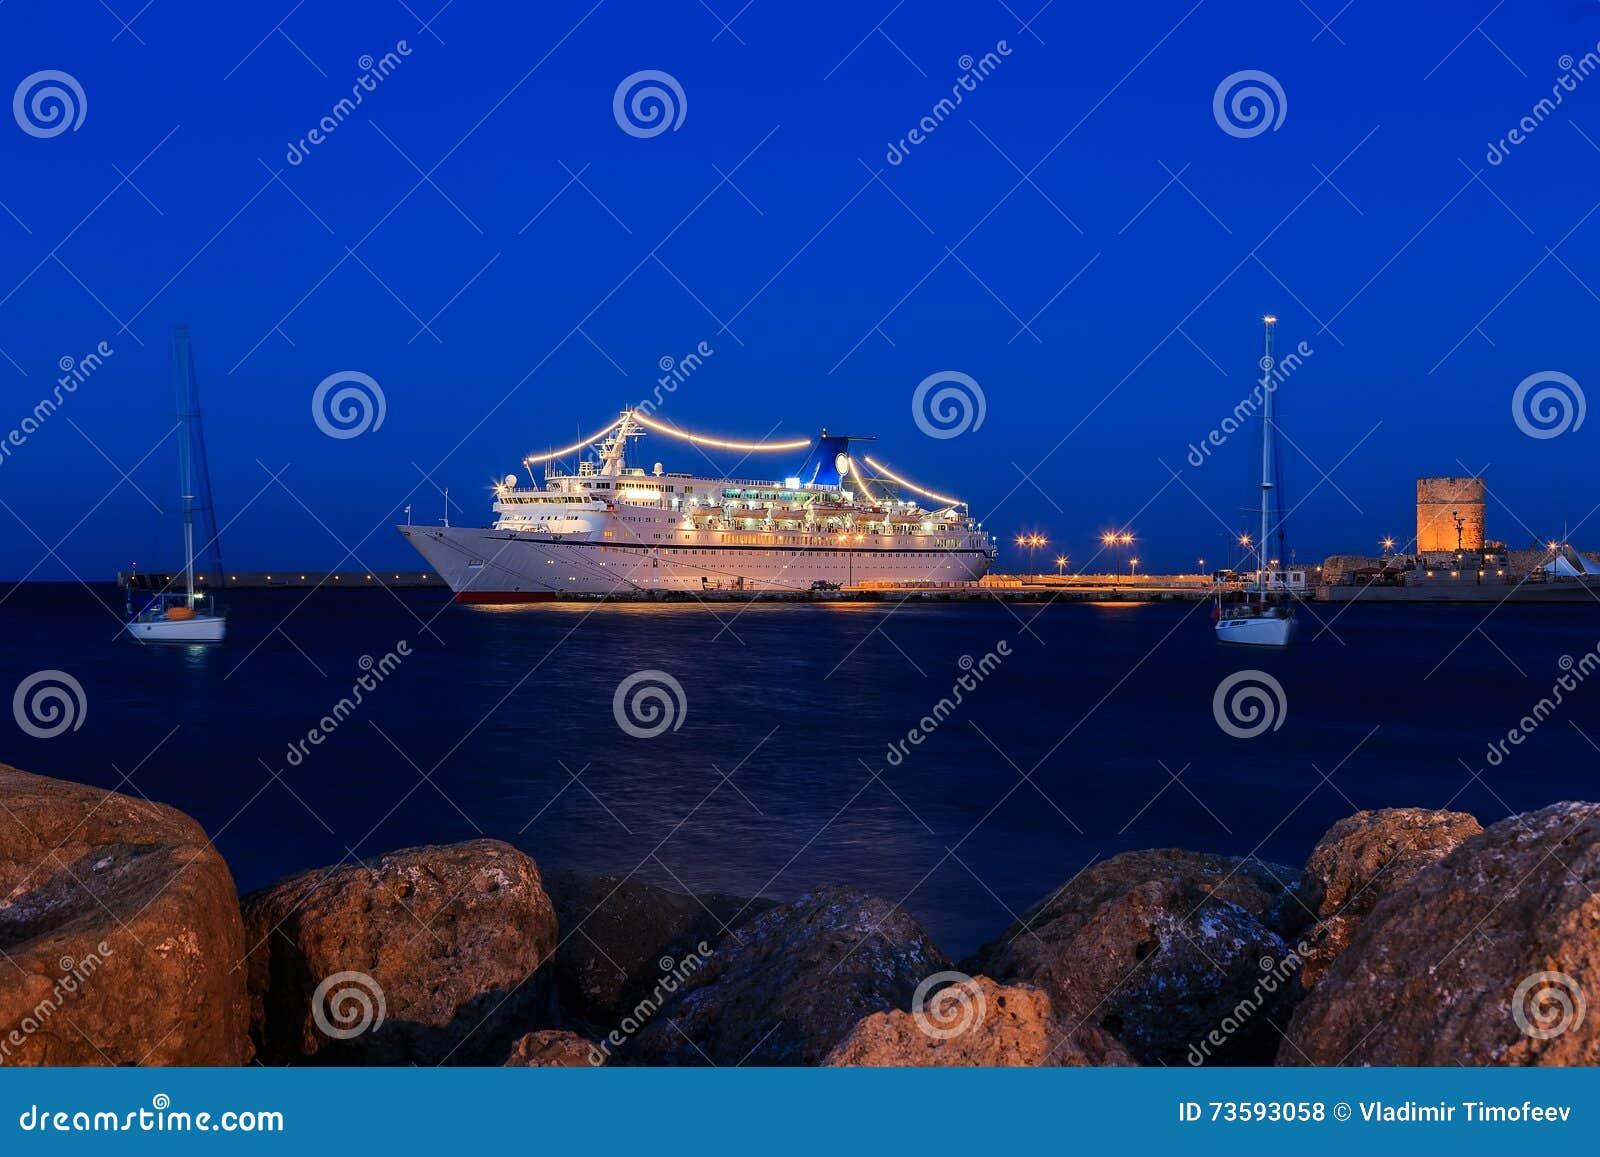 Κρουαζιερόπλοιο στο λιμένα μεταξύ του σούρουπου δύο γιοτ ναυσιπλοΐας